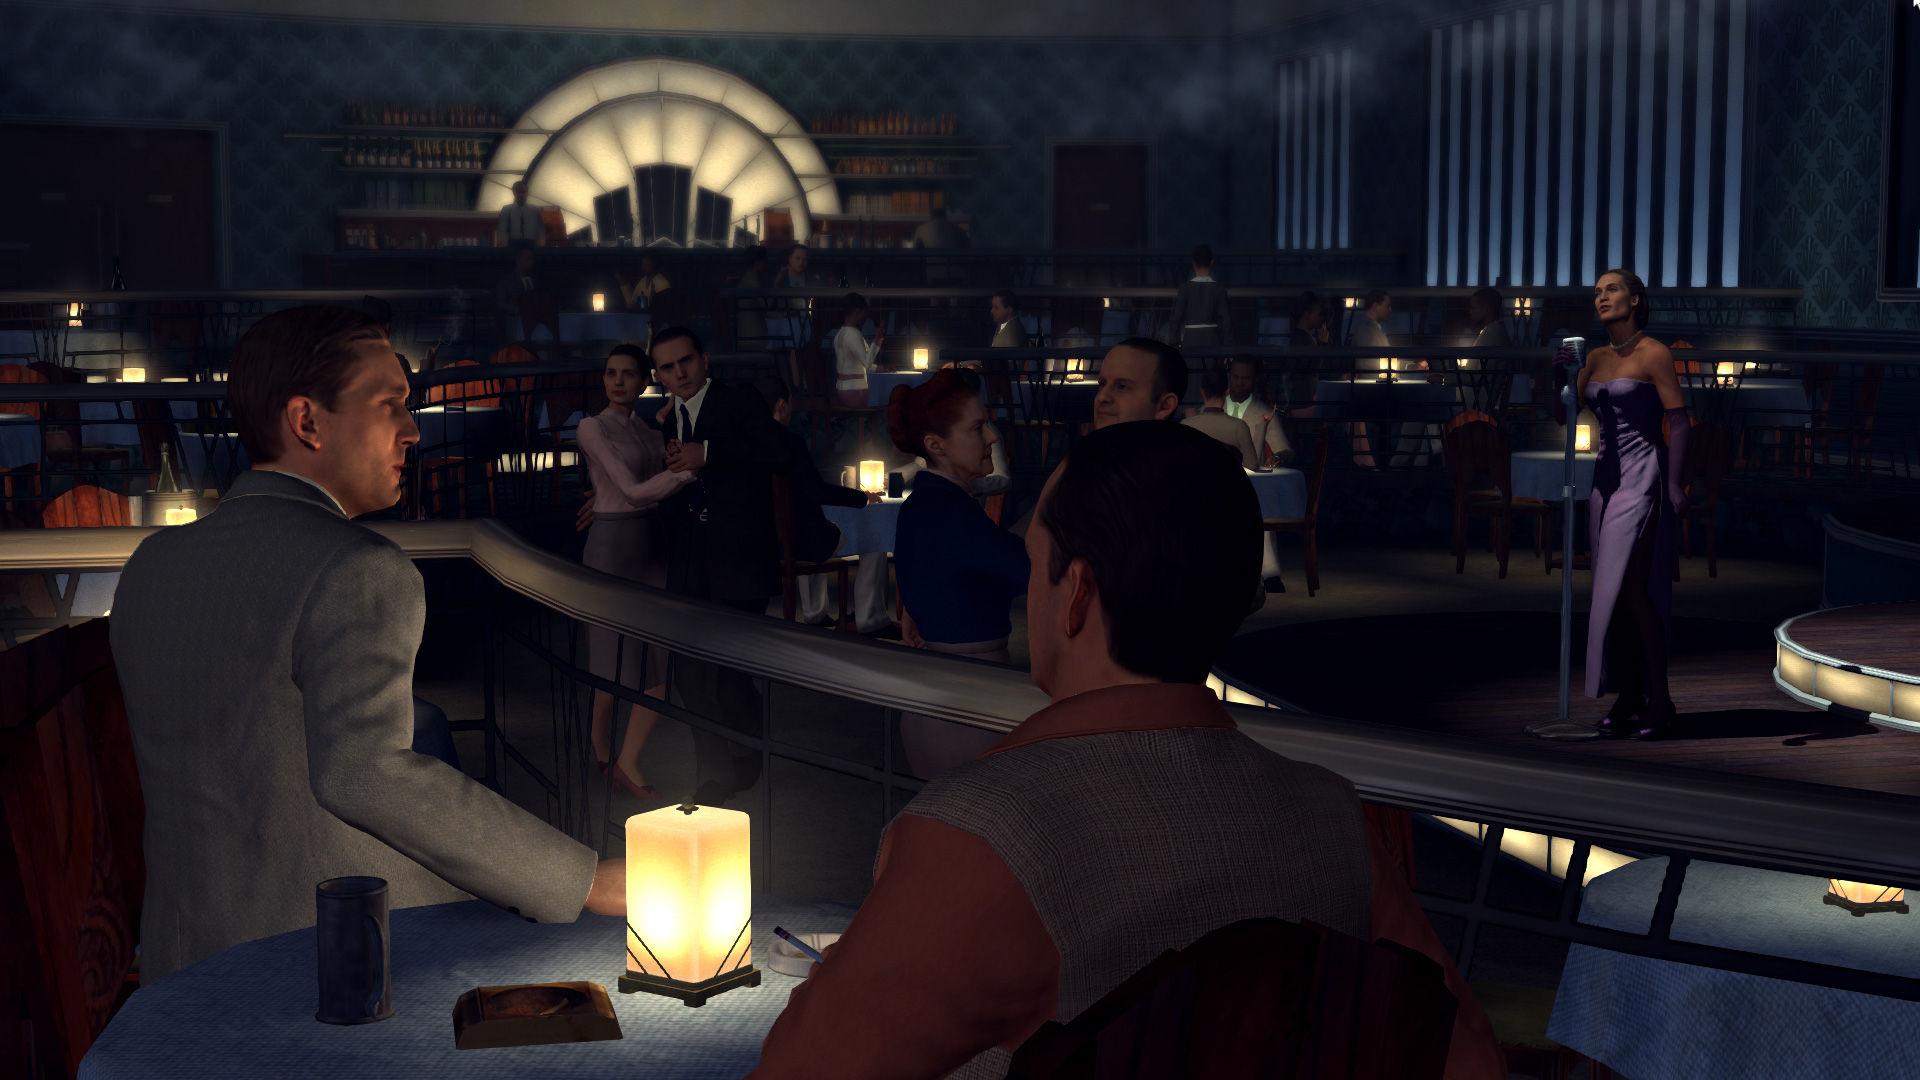 L.A. Noire, L.A. Noire Review, Xbox 360, X360, Xbox, Playstation 3, PS3, Video Game, Review, Reviews, Rockstar Leeds, Team Bondi,